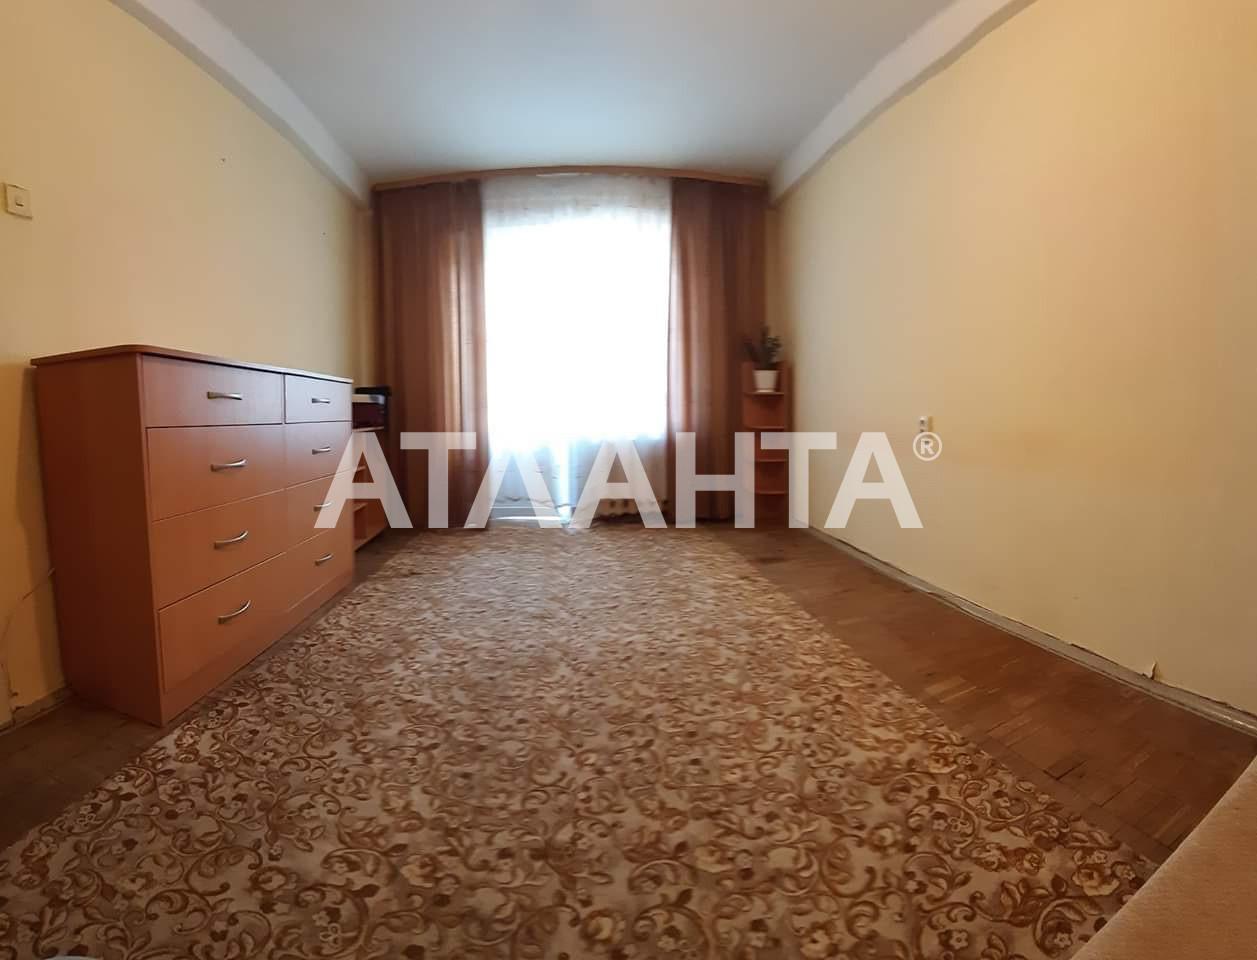 Продается 1-комнатная Квартира на ул. Проспект Правды — 28 000 у.е.